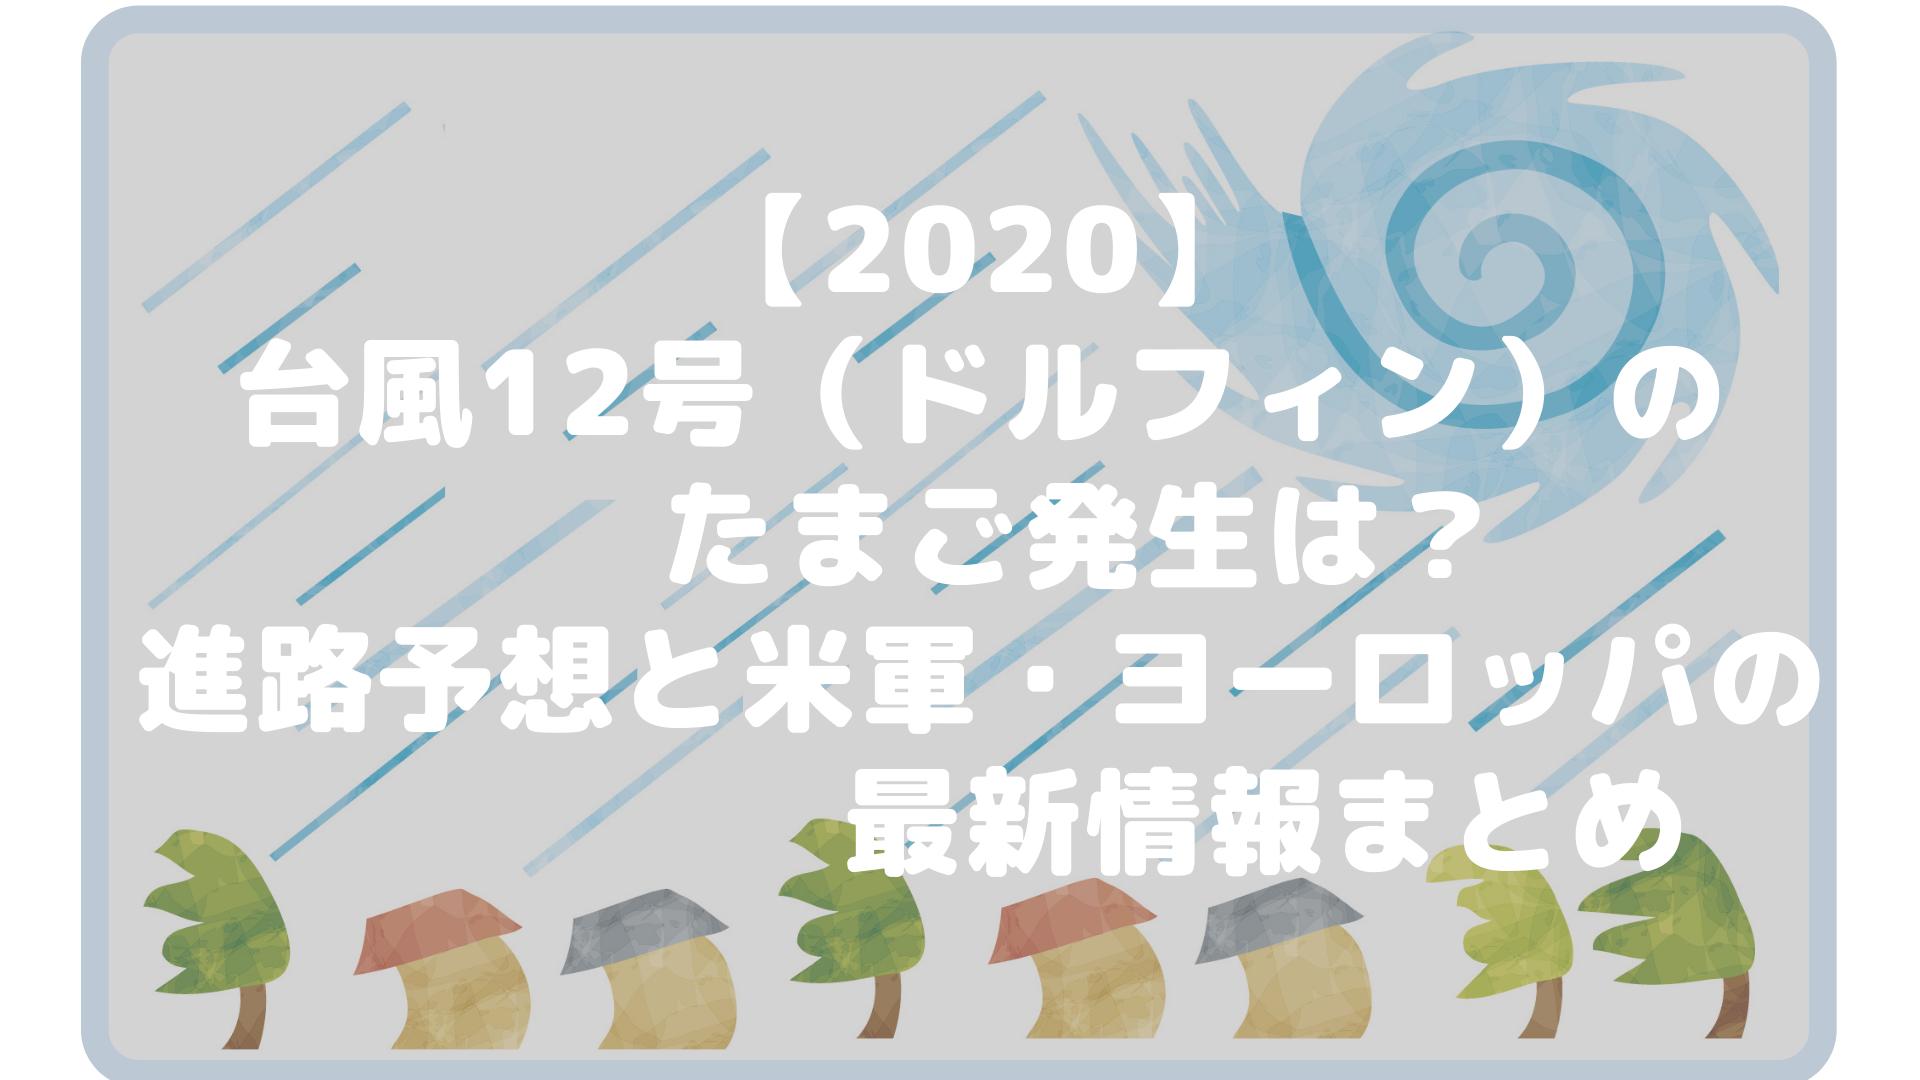 【2020】台風12号(ドルフィン)のたまご発生は?進路予想と米軍・ヨーロッパの最新情報まとめタイトル画像